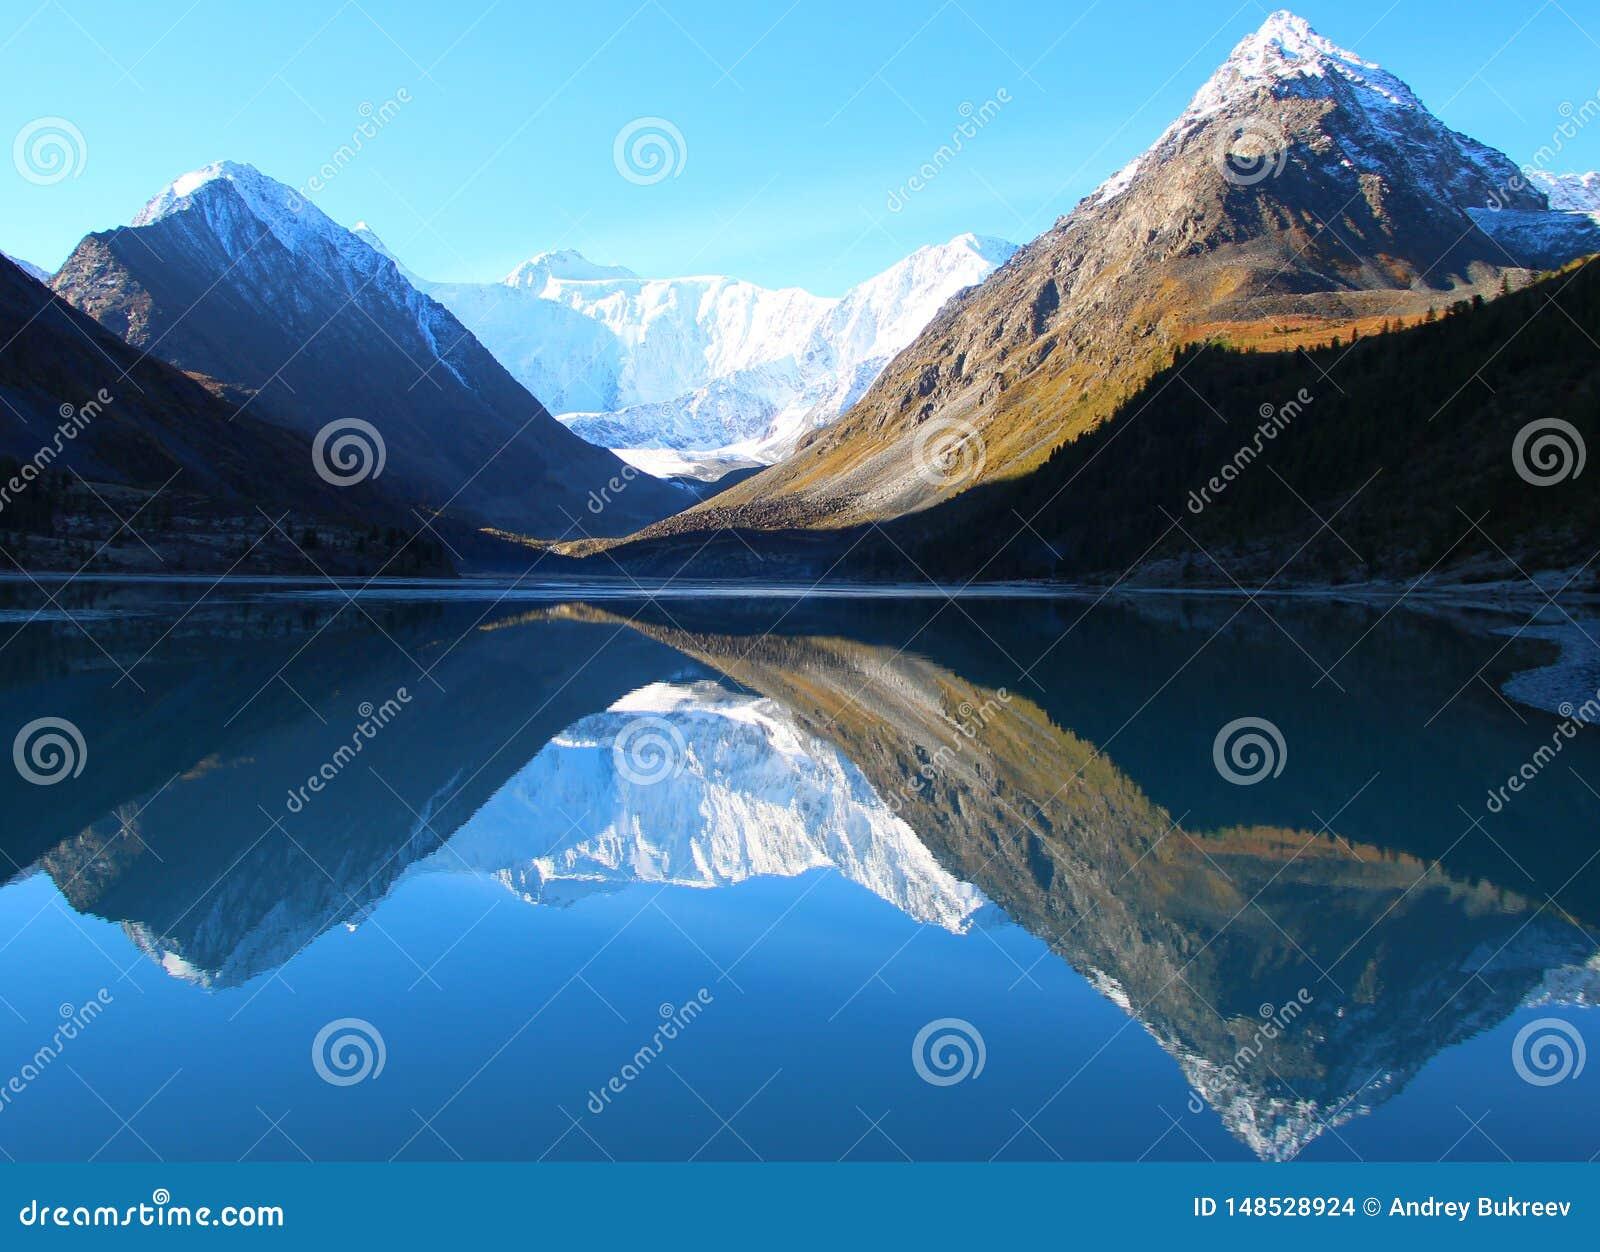 Halny jezioro między skałami z odbiciem w wodzie